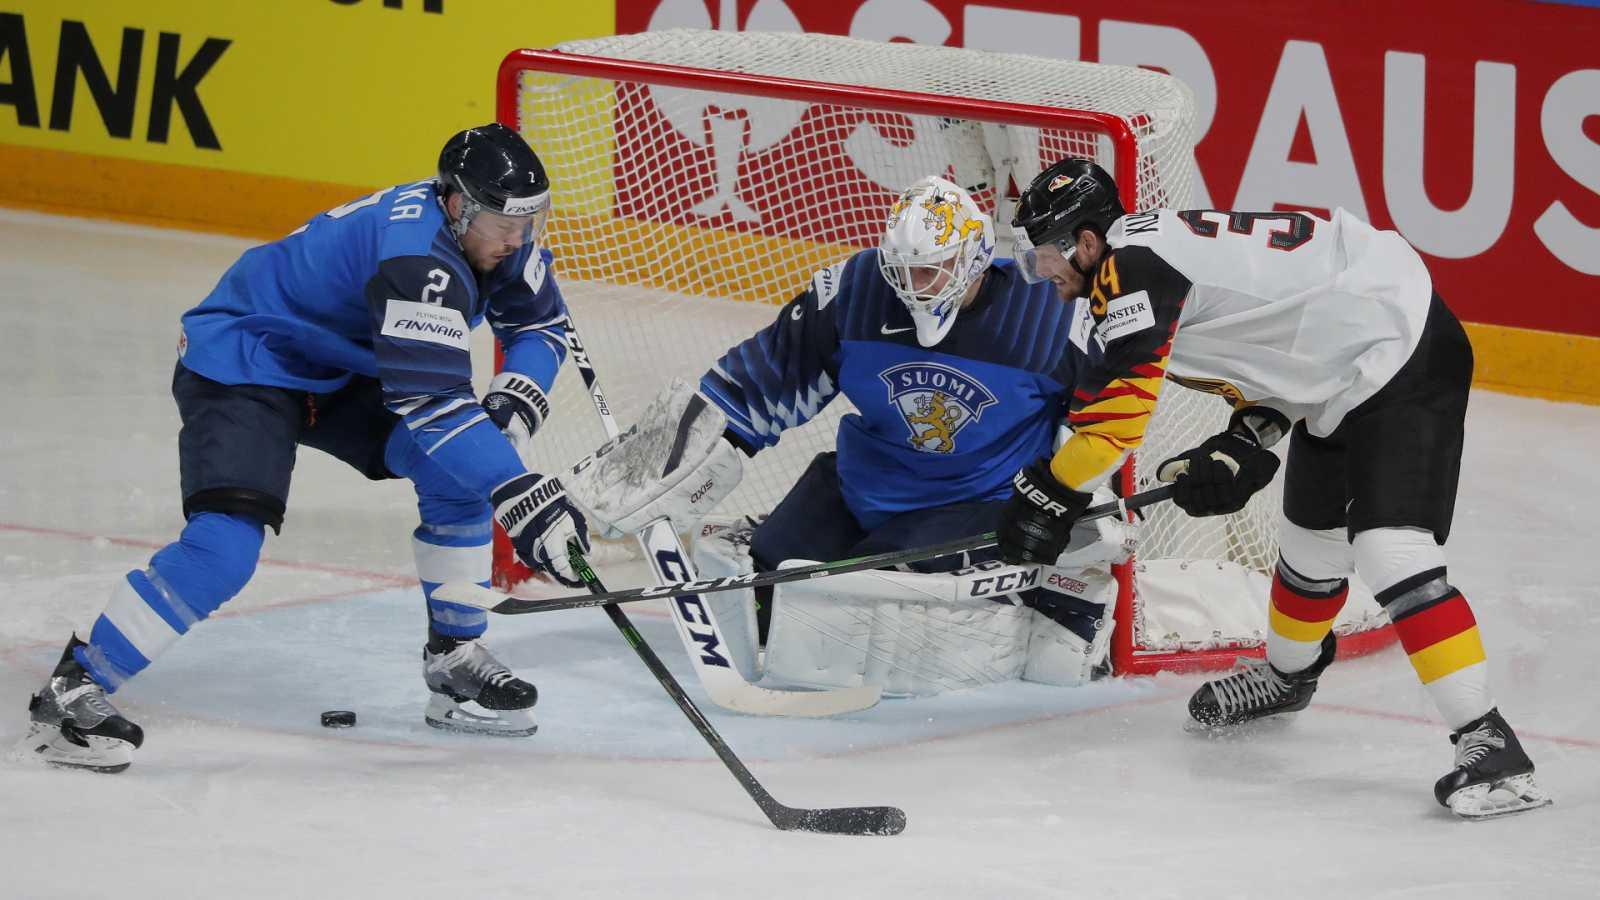 Hockey sobre hielo - Campeonato del mundo masculino. 2ª Semifinal: Finlandia - Alemania - ver ahora